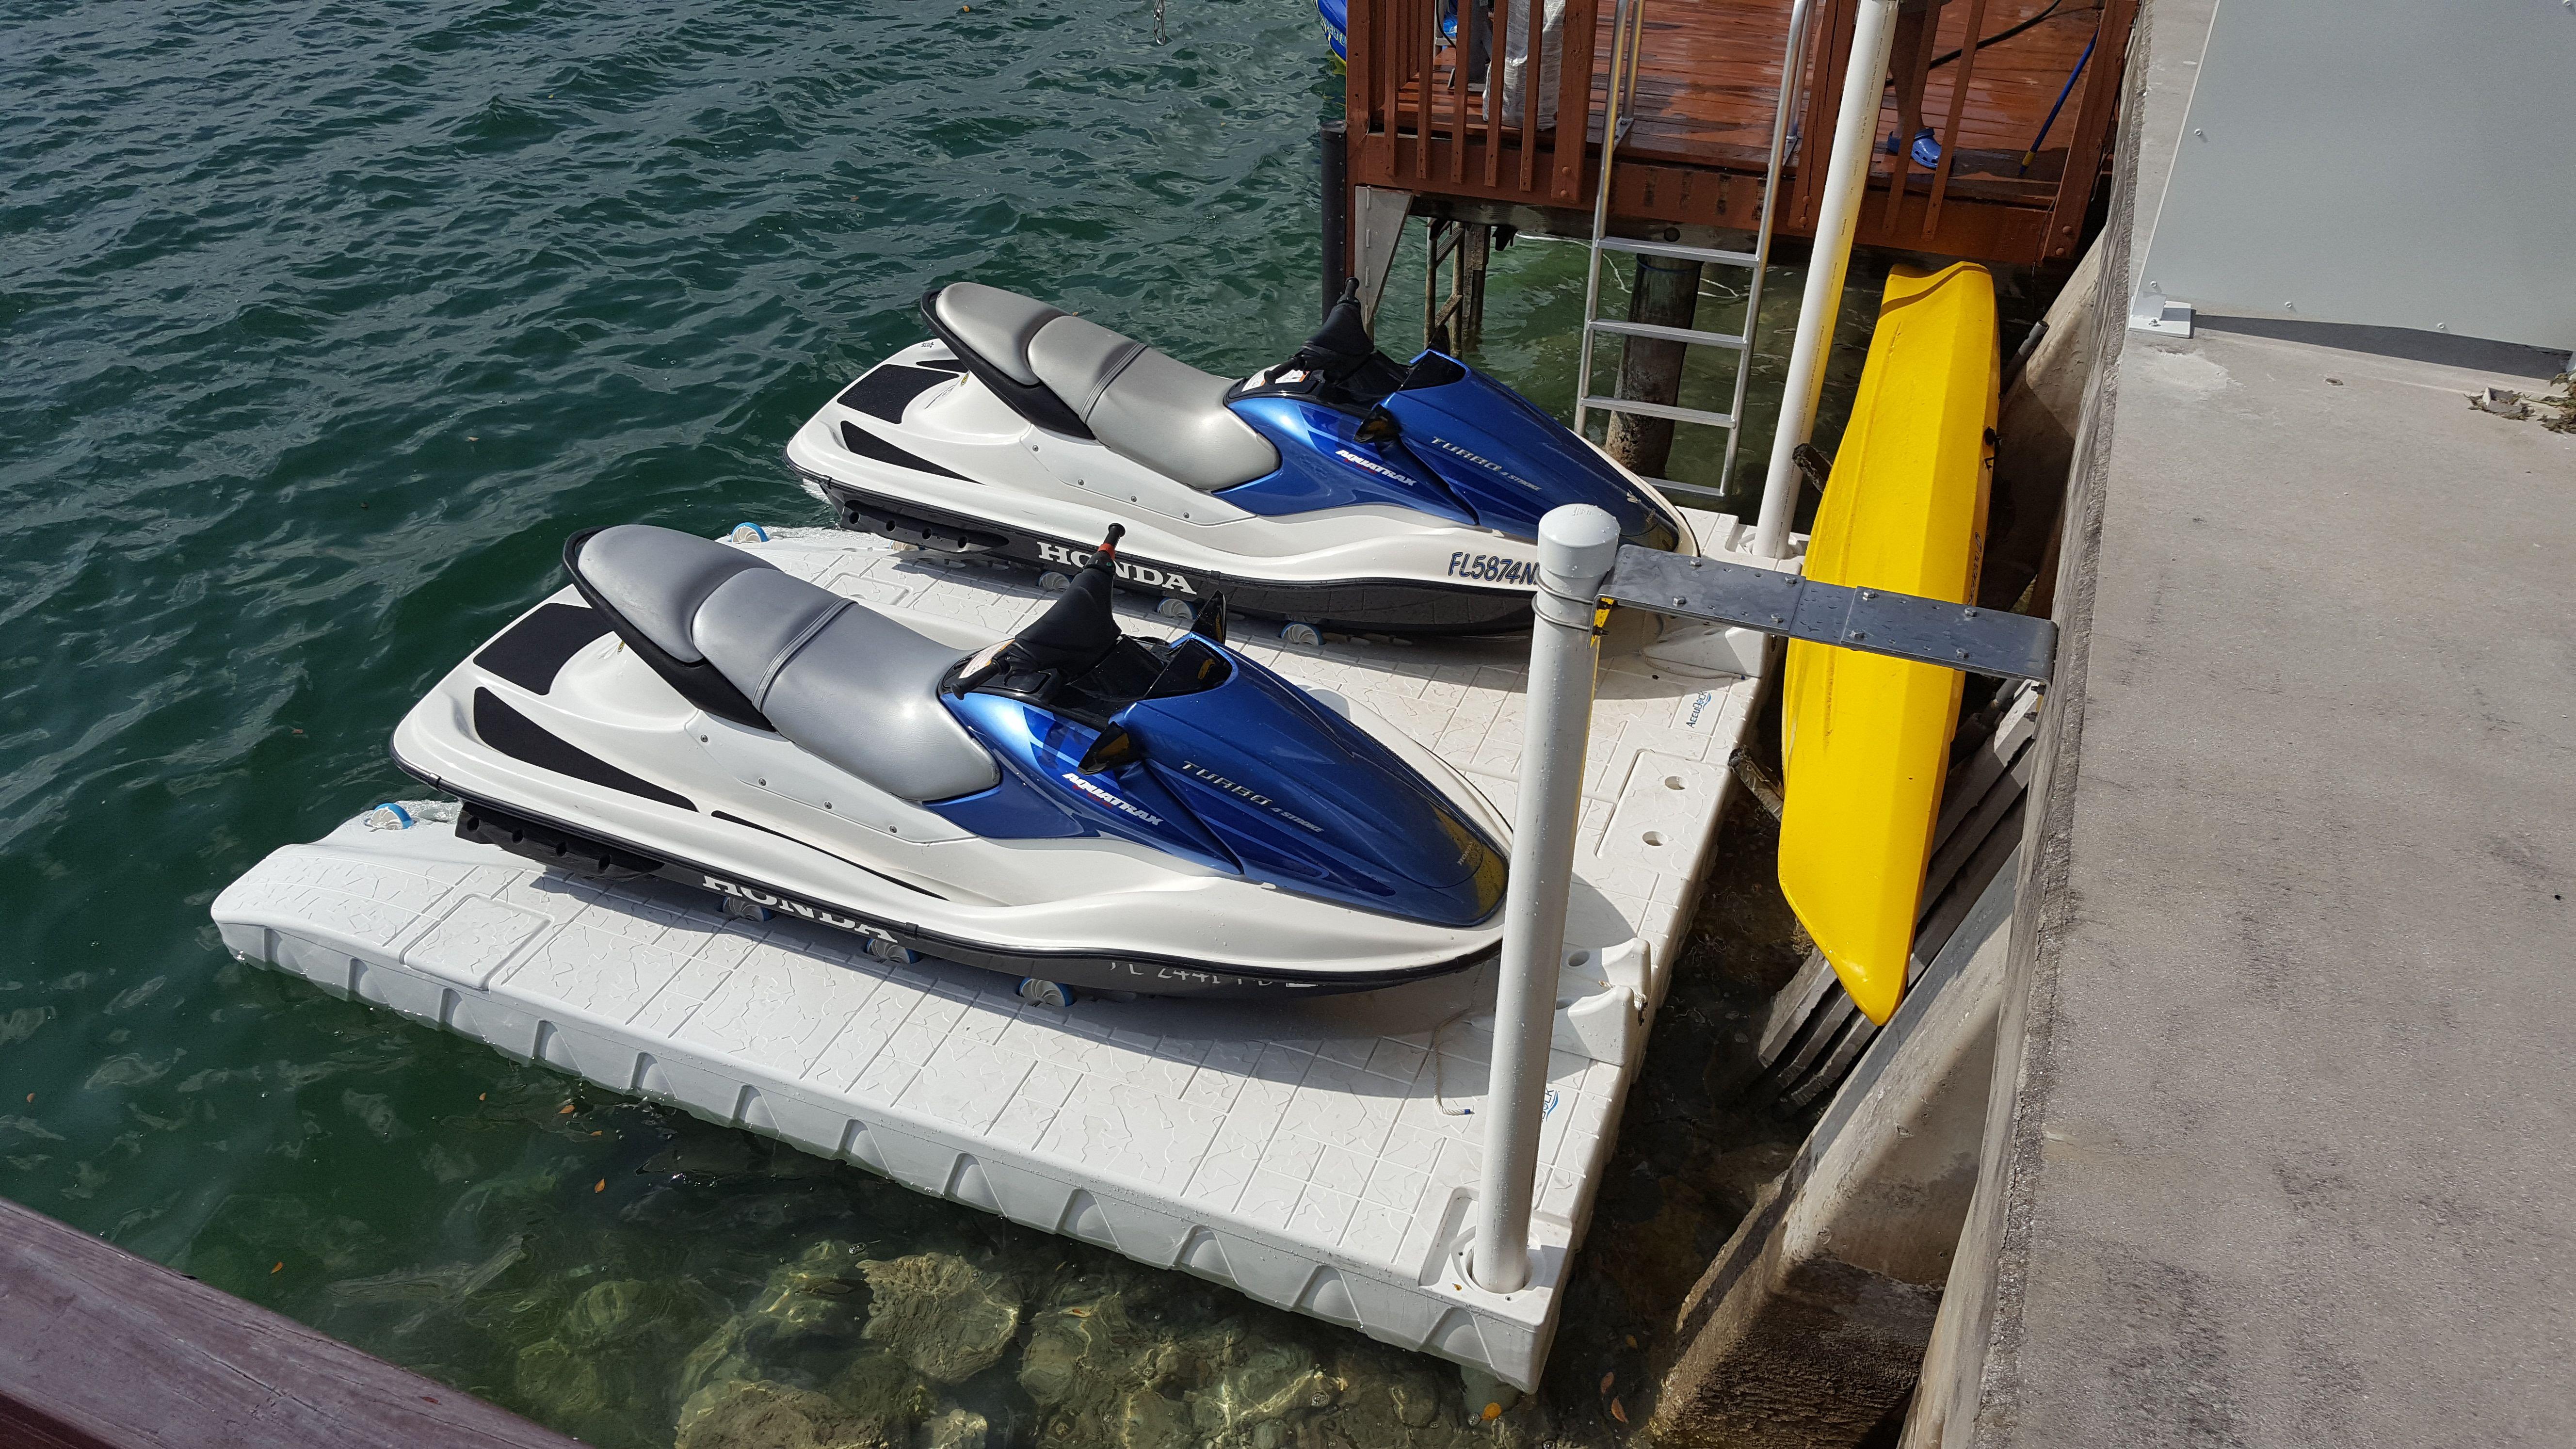 Accuport Pwc Jet Ski Dock In 2020 Jet Ski Dock Floating Dock